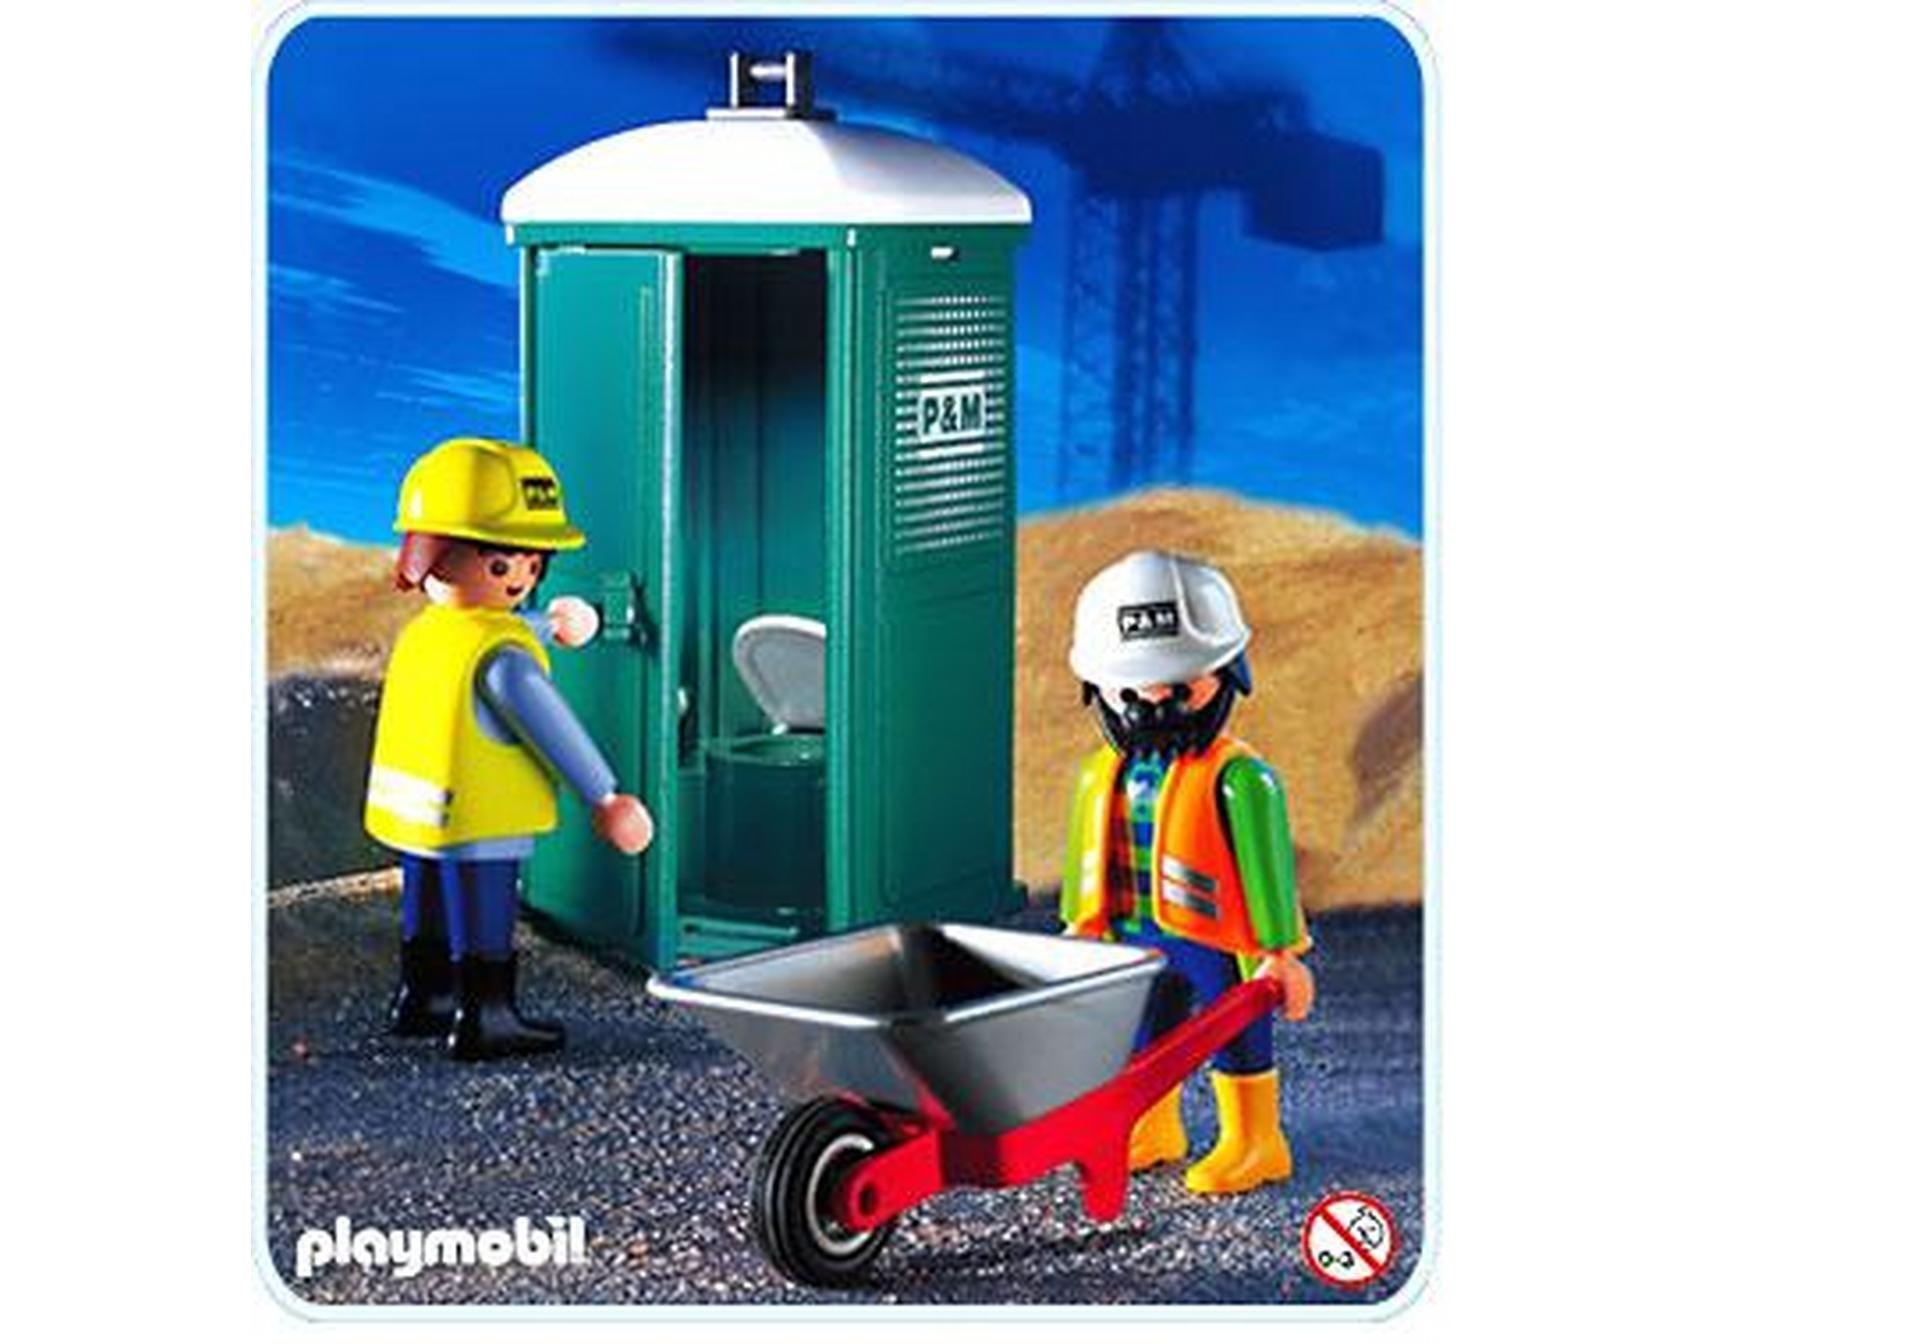 mediaplaymobil i playmobil 3275bproductdetail